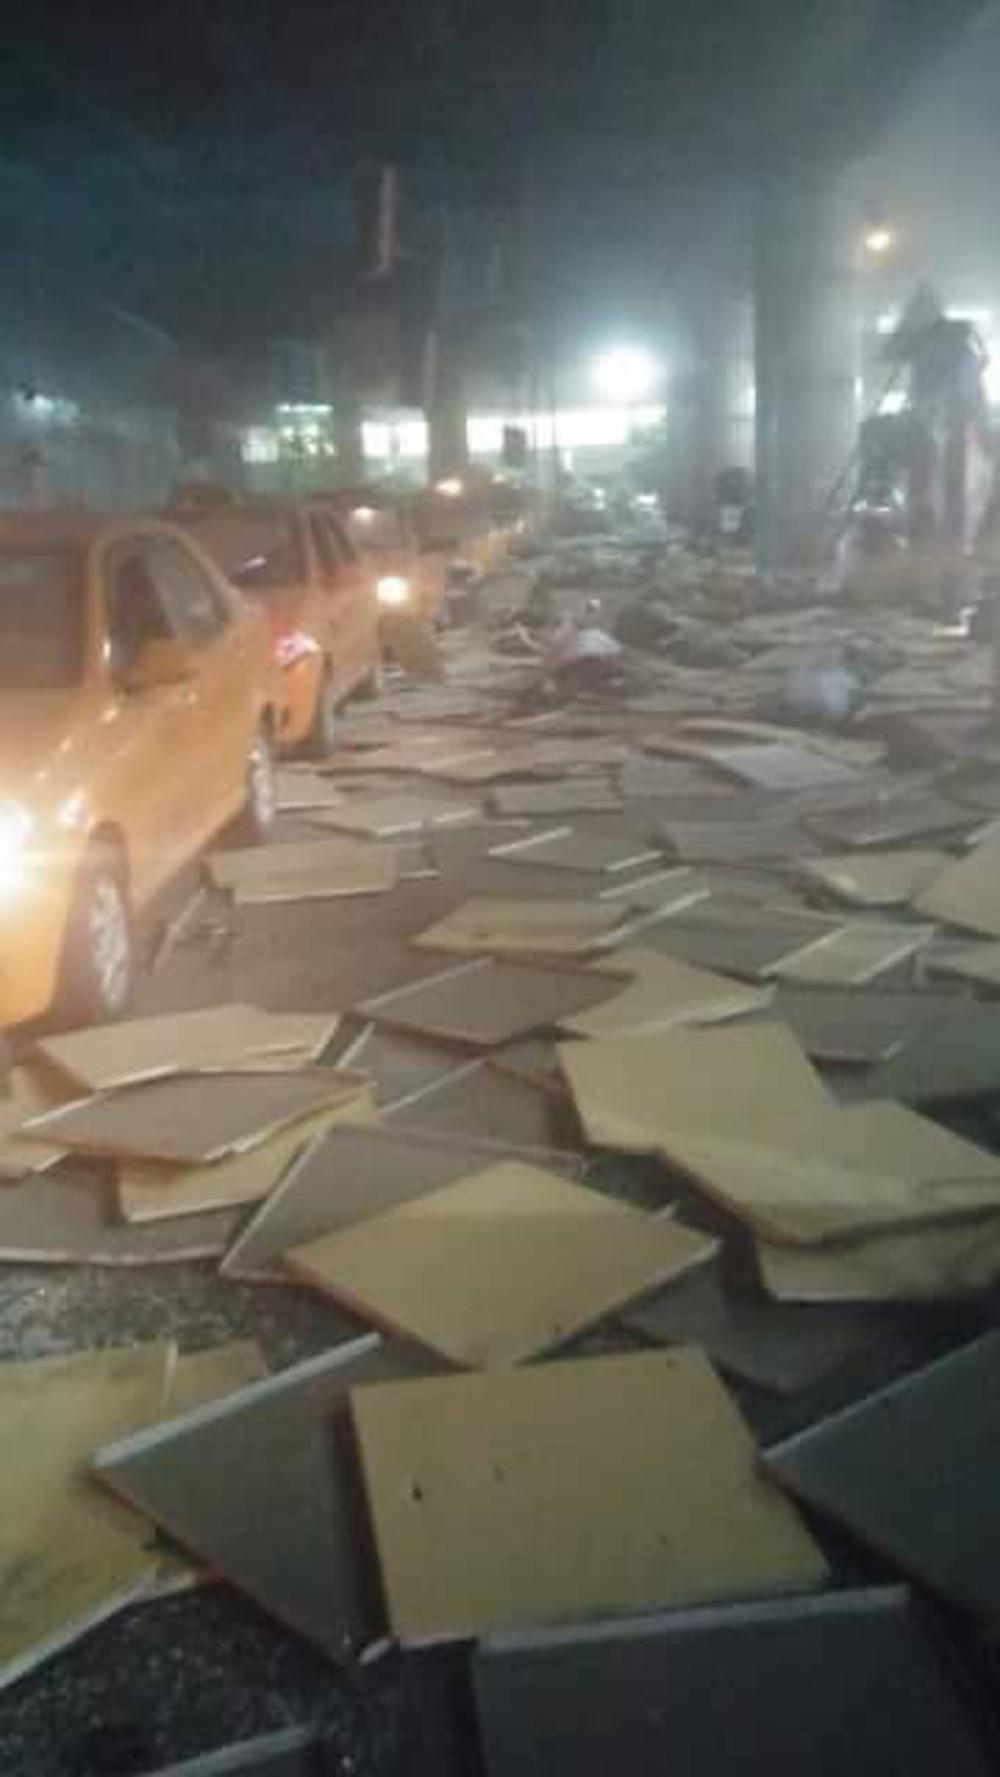 Првични информации: Најмалку 10 загинати, а 40 повредени во експлозиите на аеродромот во Истанбул